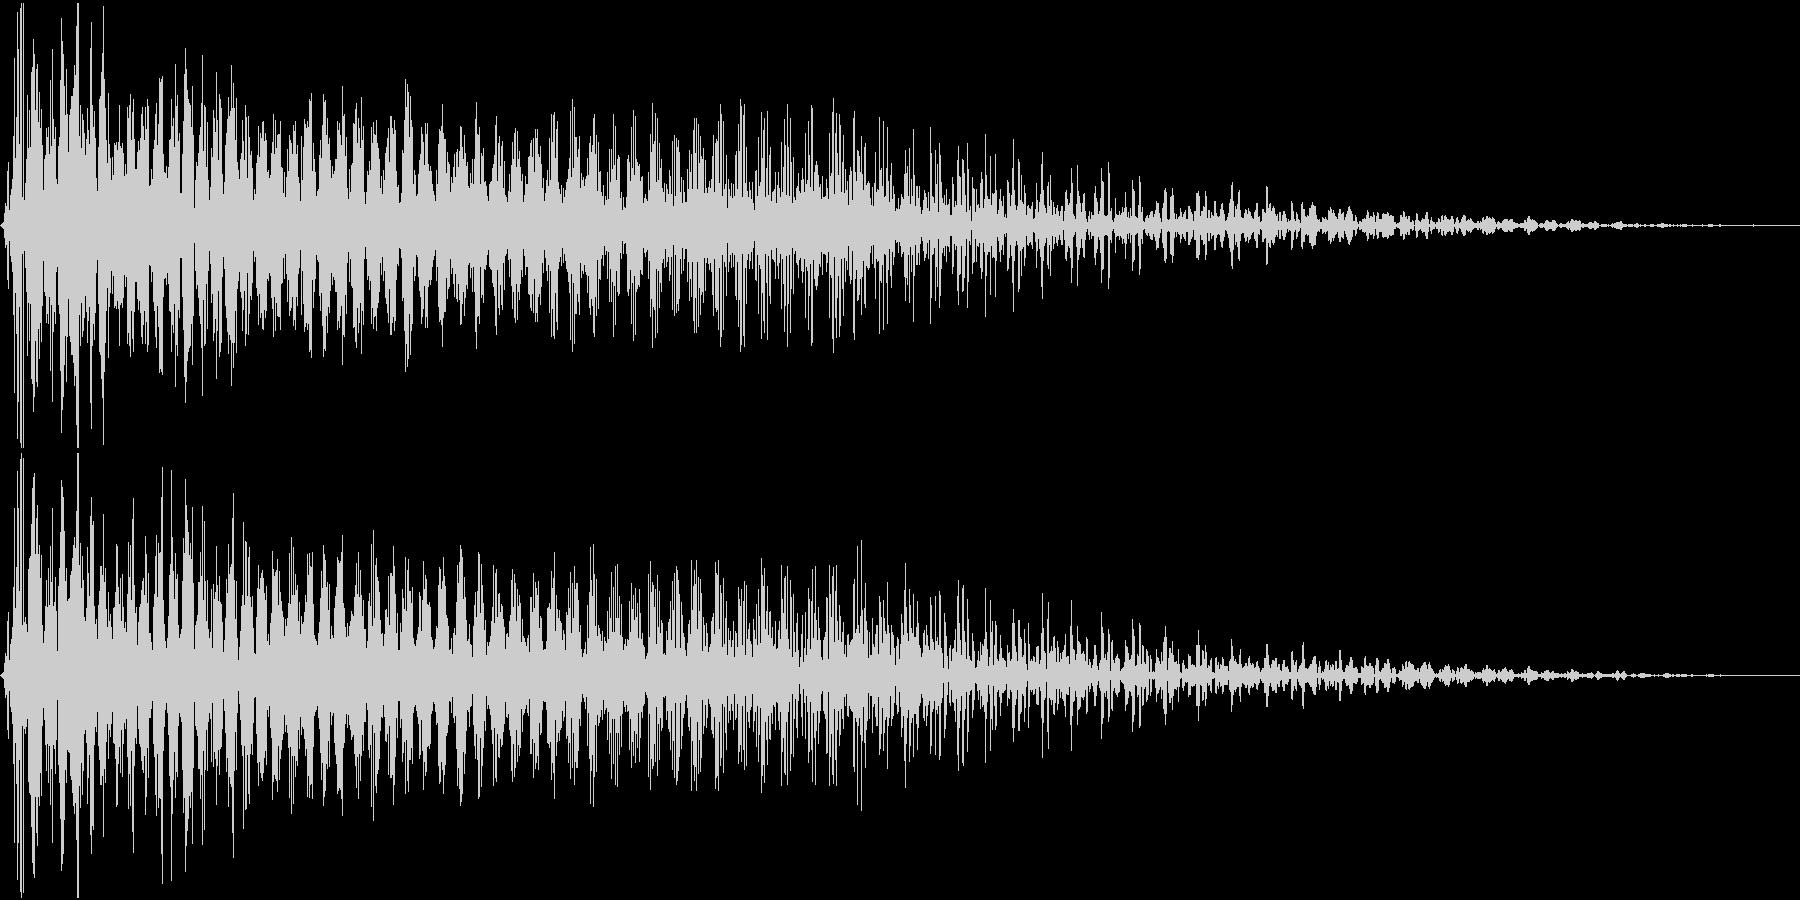 InvaderBuzz 発砲音 24の未再生の波形